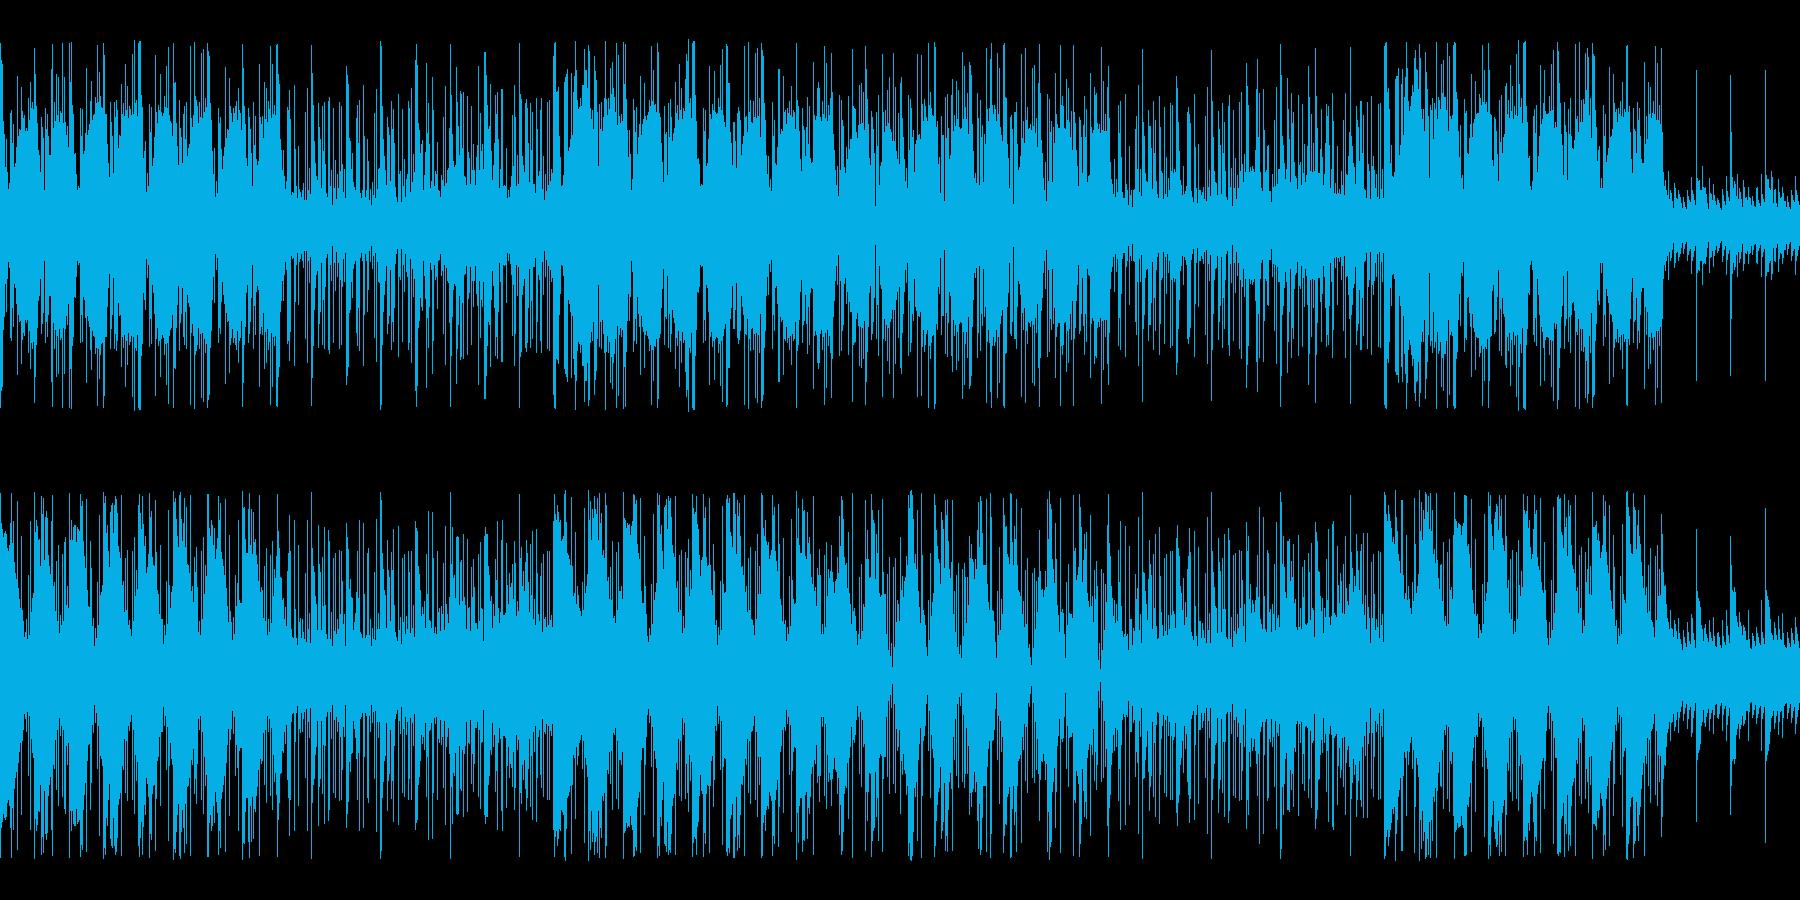 不気味な恐怖が迫る和製ホラー ループ仕様の再生済みの波形